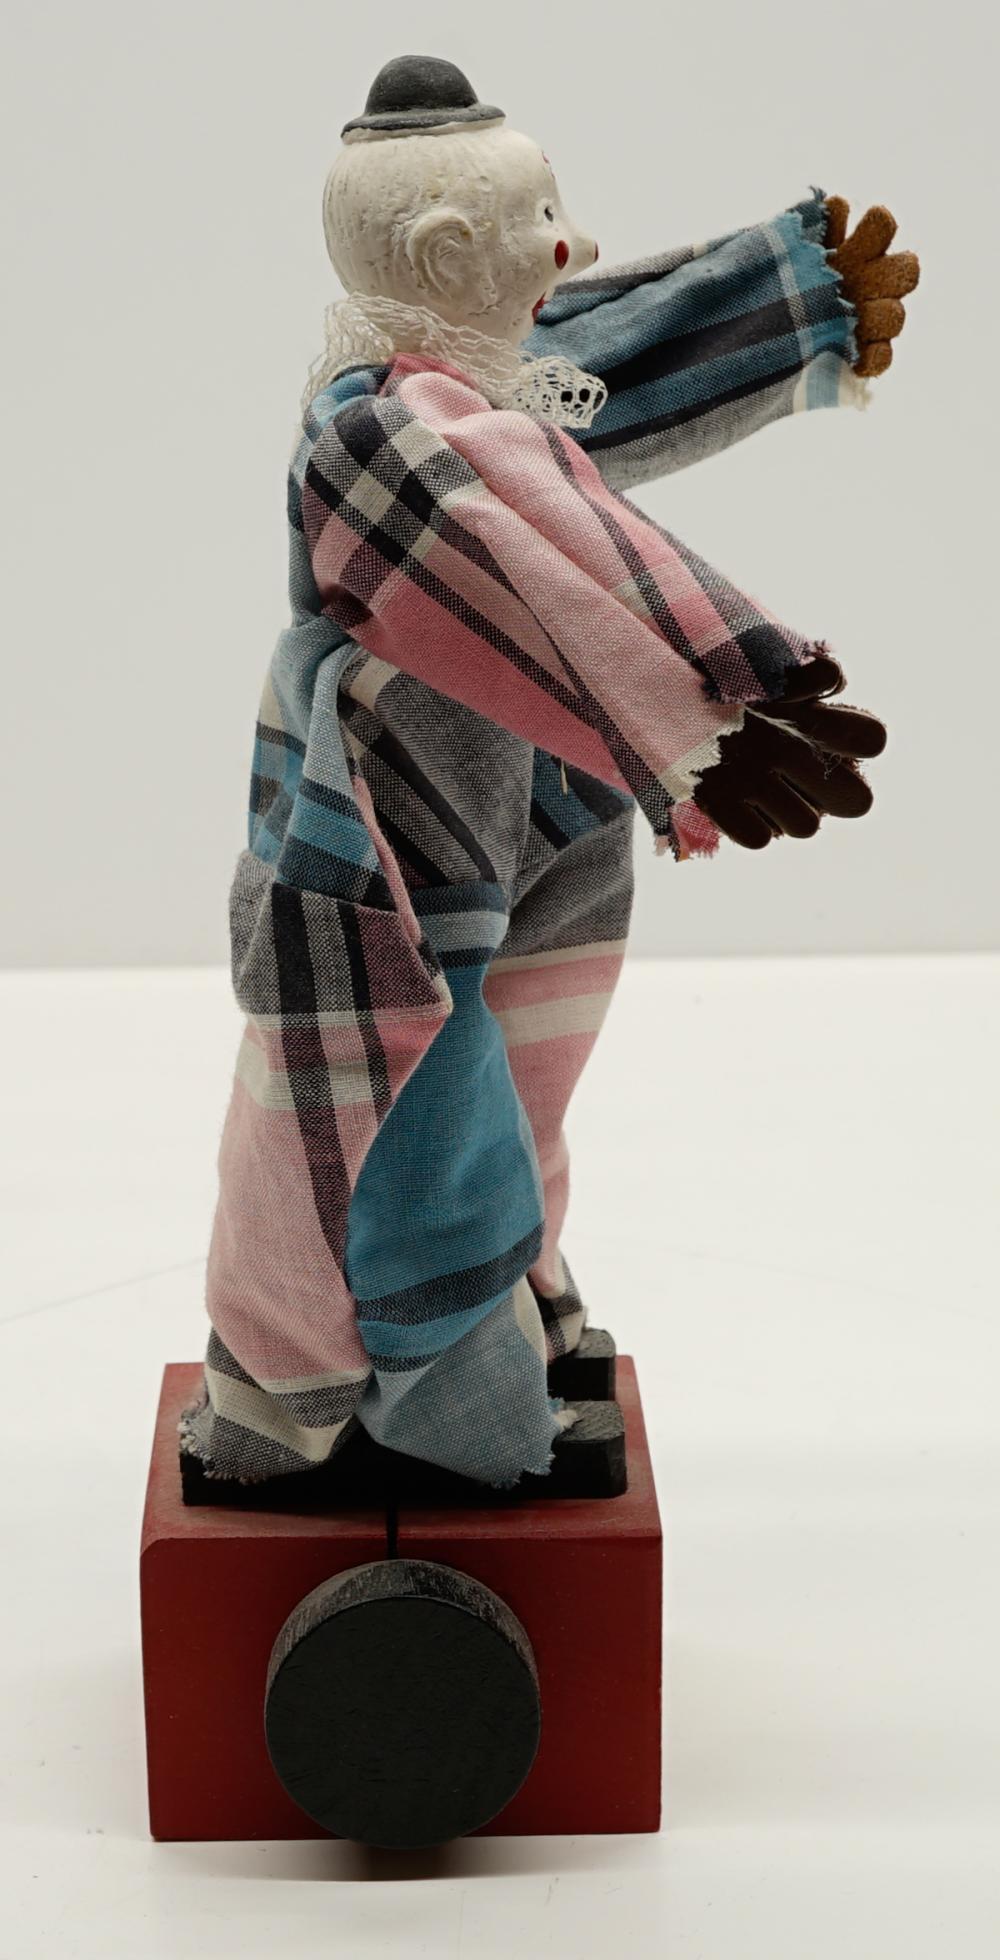 Lot 22: Kib-Itz Clown Toy MIB